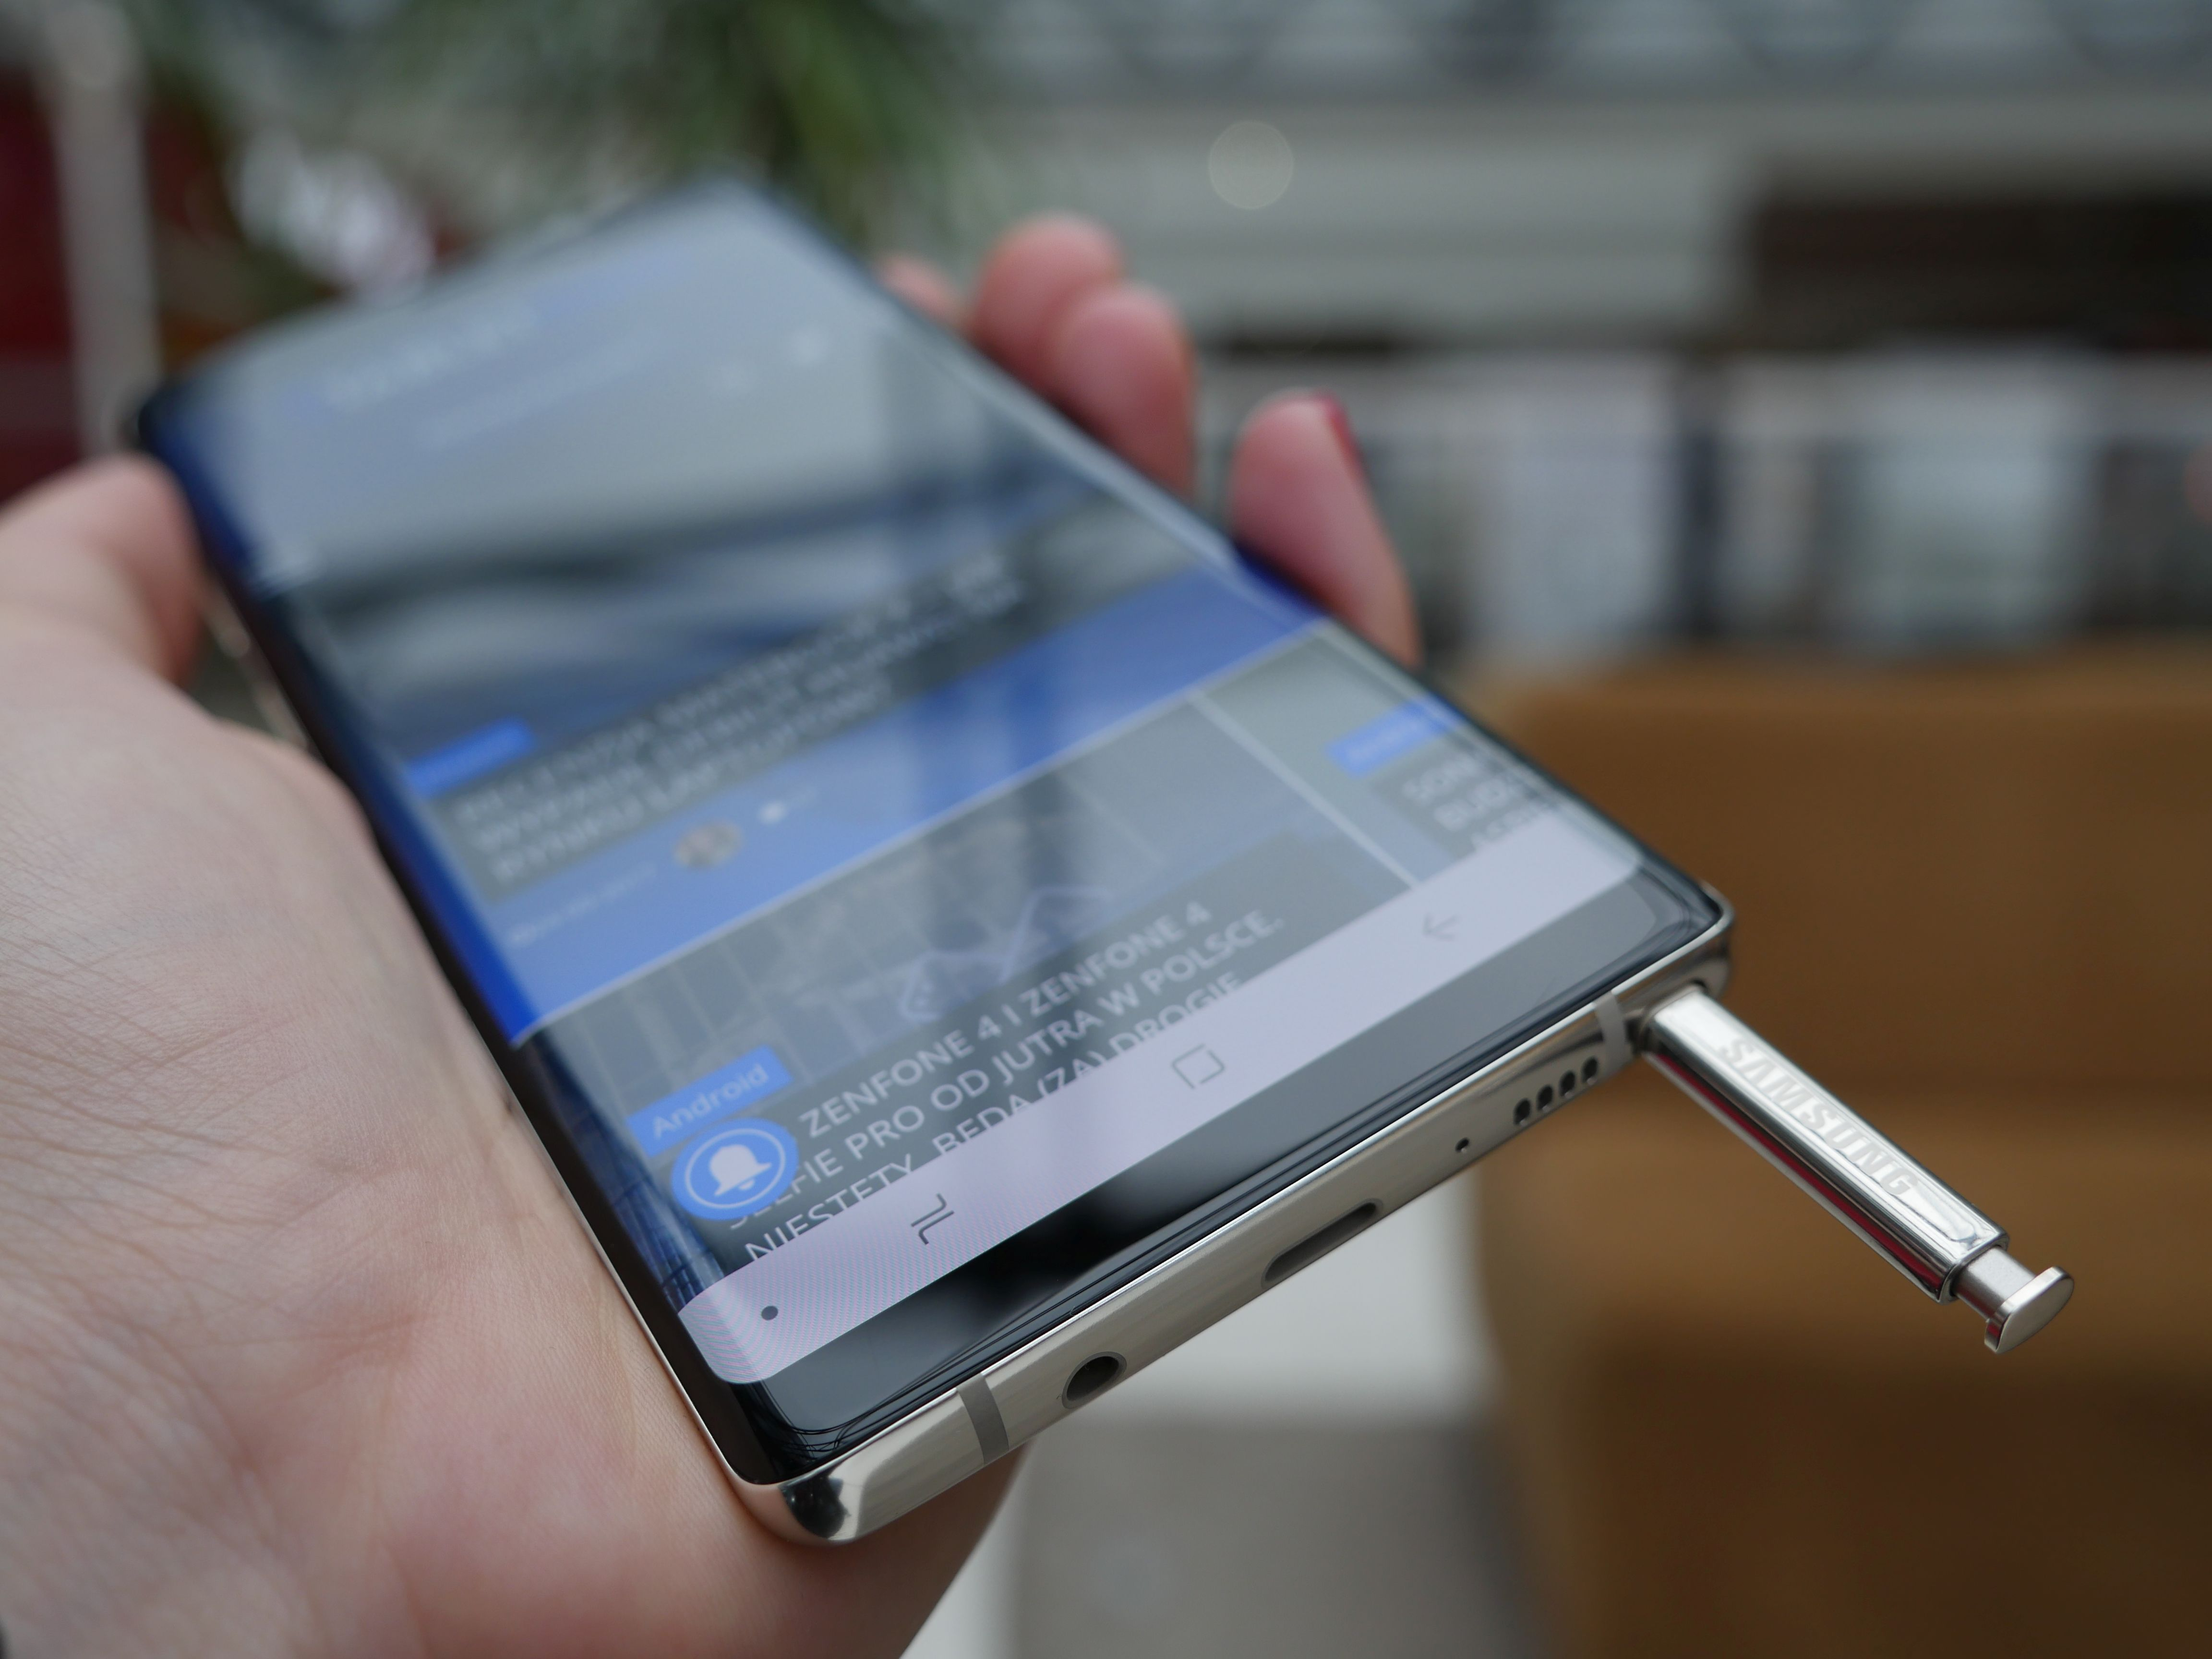 Promocja: Do wyrwania Samsung Galaxy Note 8 za nieco ponad 2600 złotych! 21